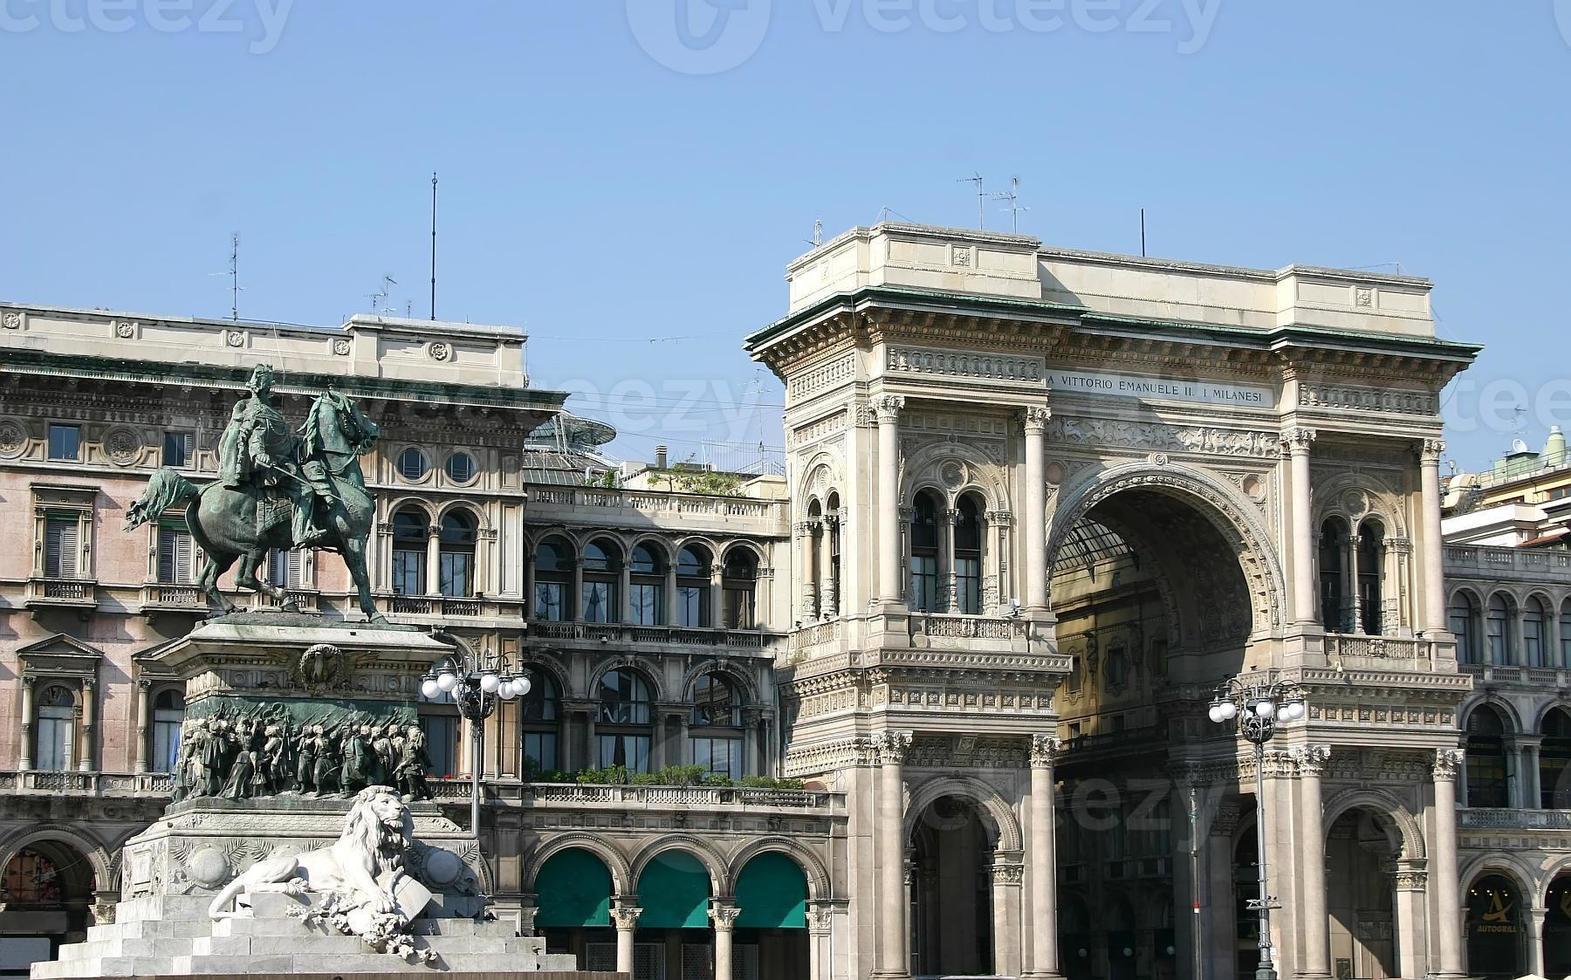 Vittorio Emanuele II Gallery, Milaan, Italië foto